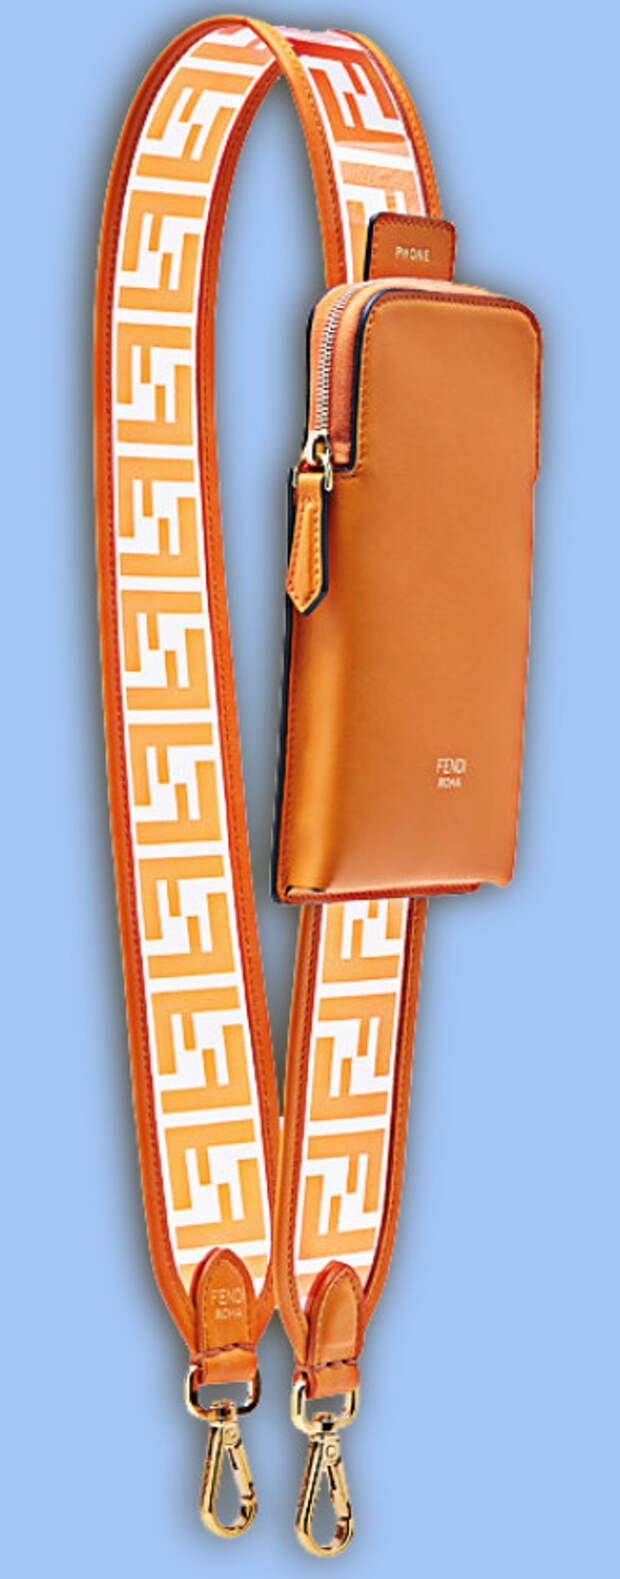 Плечевой ремень для сумки с телефономестом